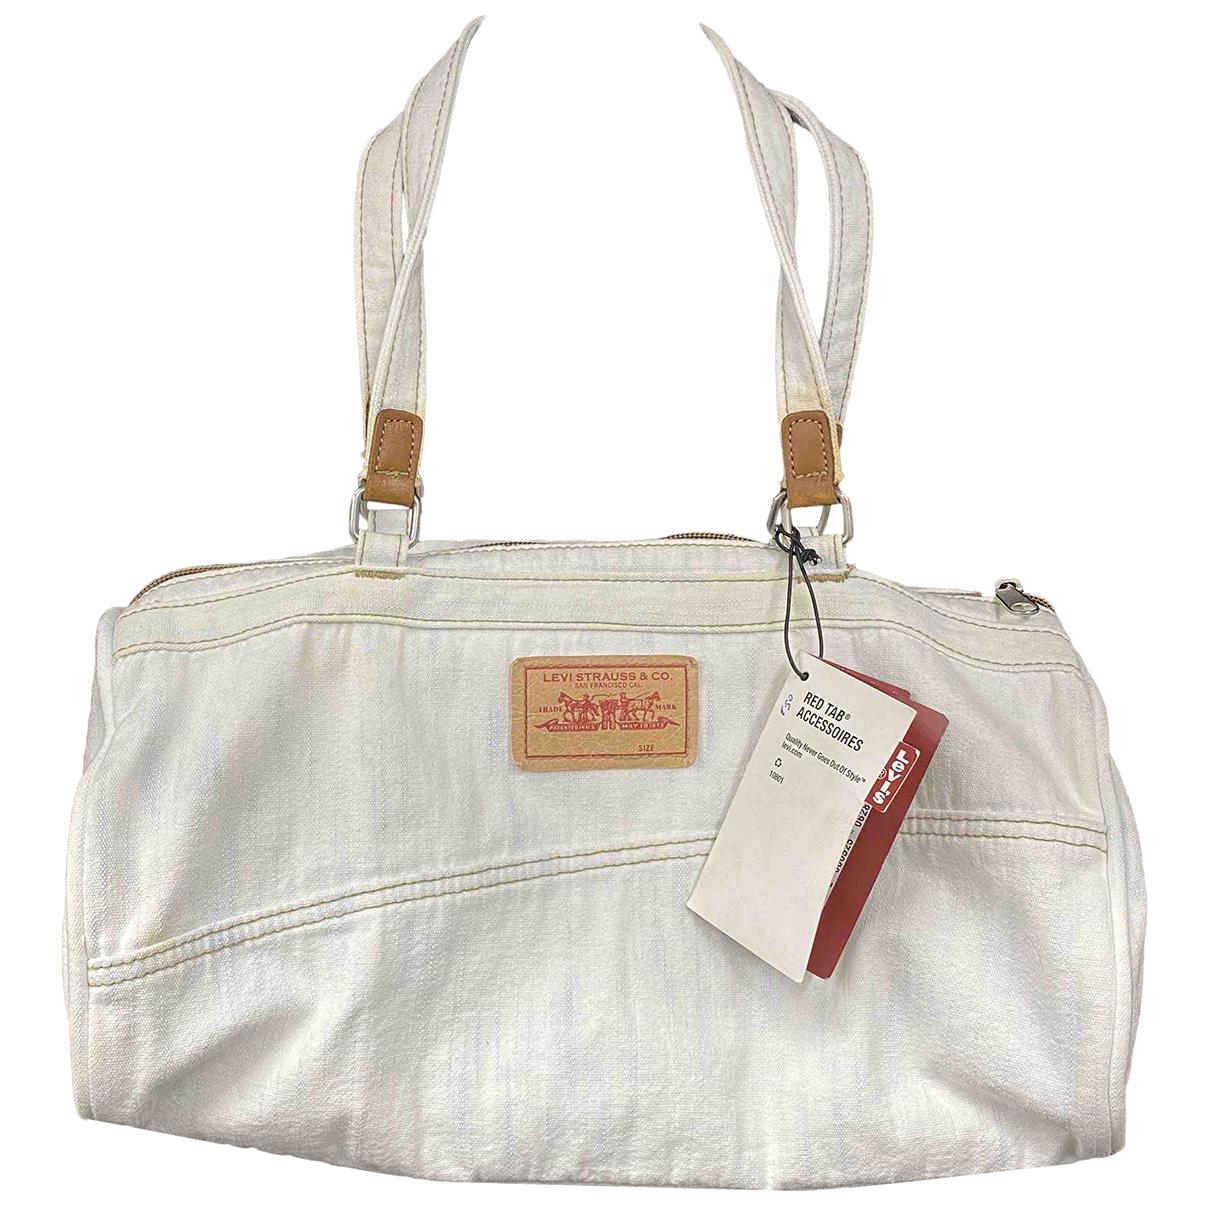 Levi's Vintage Clothing \N White Denim - Jeans handbag for Women \N